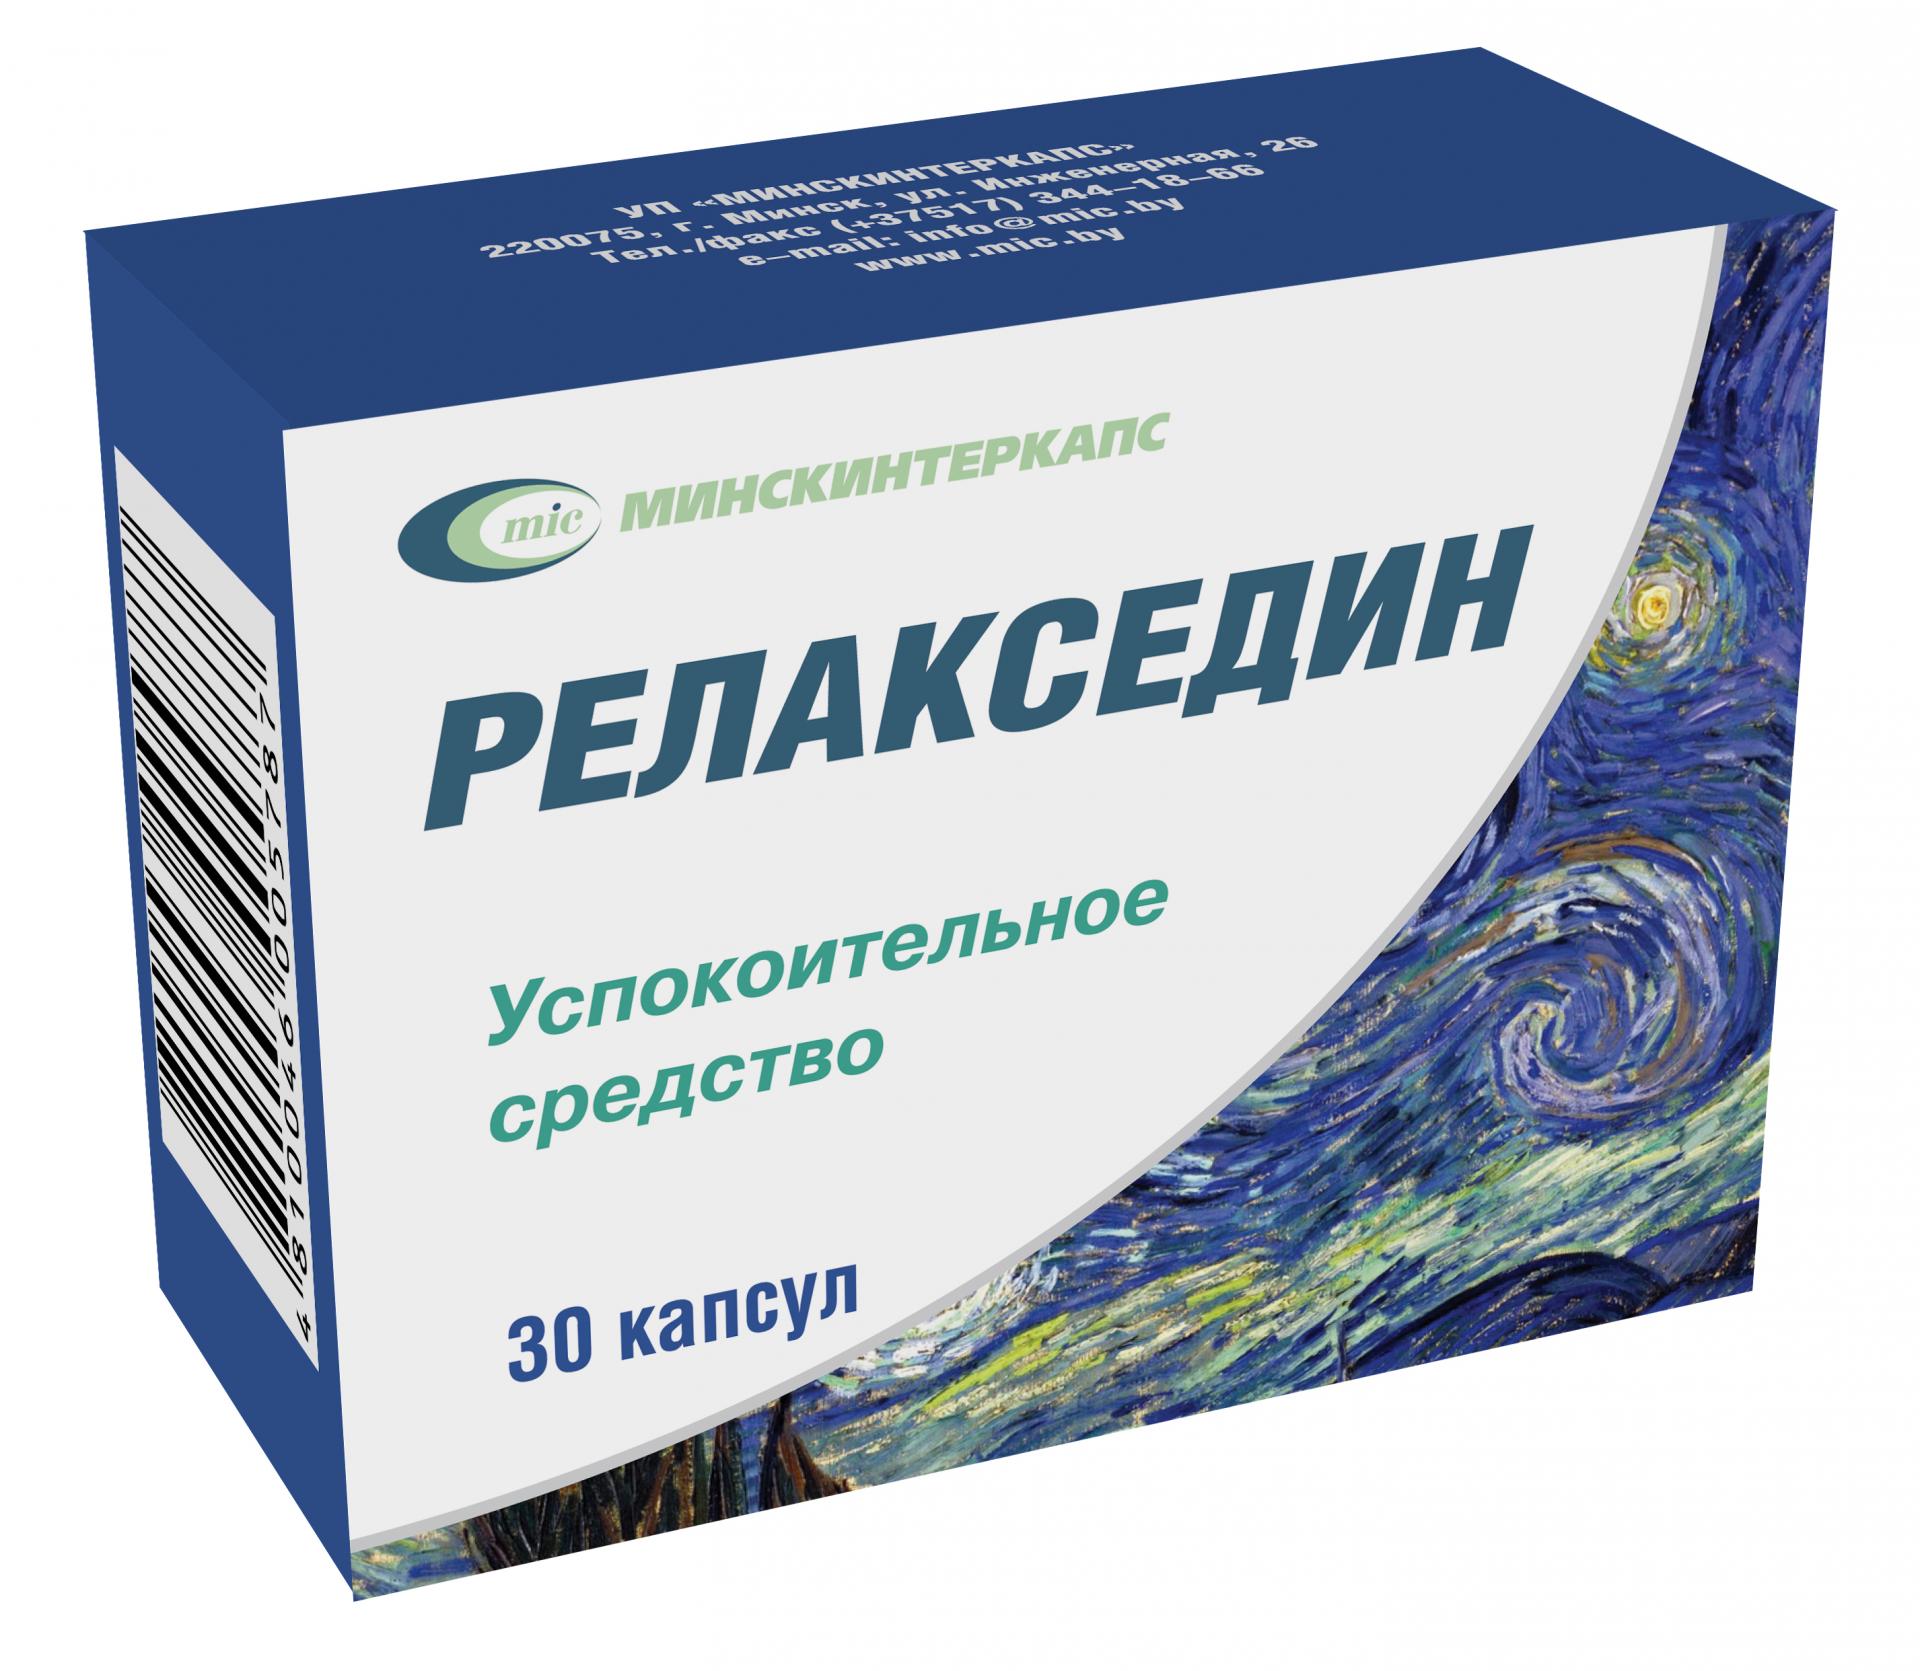 Лучшие успокоительные таблетки для нервной системы без рецептов. сильные успокоительные средства без рецептов. список, названия, цена и отзывы